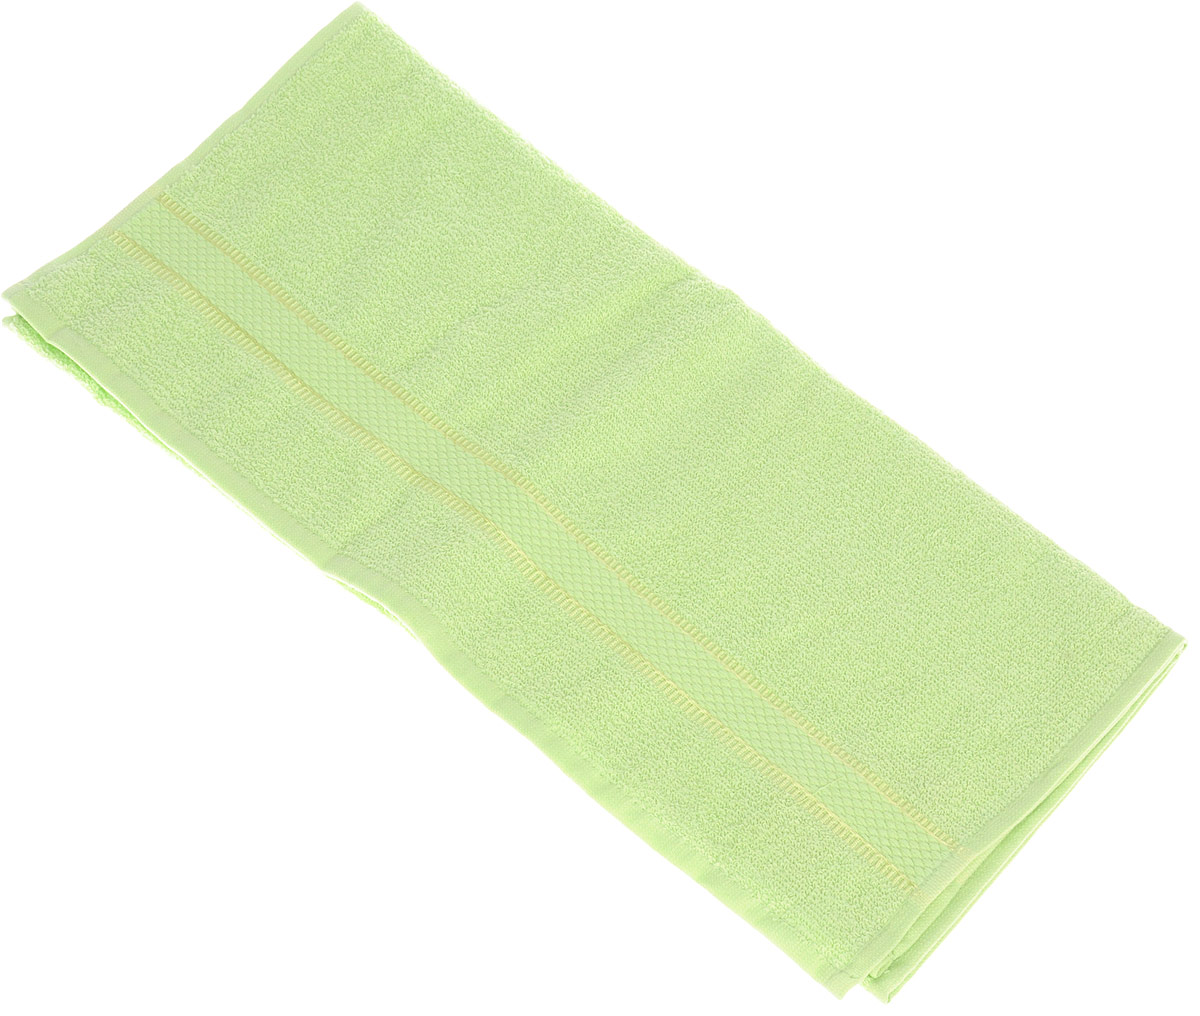 Полотенце Brielle Basic, цвет: зеленый, 50 х 85 см68/5/1Полотенце Brielle Basic выполнено из 100% хлопка. Изделие очень мягкое, оно отлично впитывает влагу, быстро сохнет, сохраняет яркость цвета и не теряет формы даже после многократных стирок. Лаконичные бордюры подойдут для любого интерьера ванной комнаты. Полотенце прекрасно впитывает влагу и быстро сохнет. При соблюдении рекомендаций по уходу не линяет и не теряет форму даже после многократных стирок.Полотенце Brielle Basic очень практично и неприхотливо в уходе.Такое полотенце послужит приятным подарком.